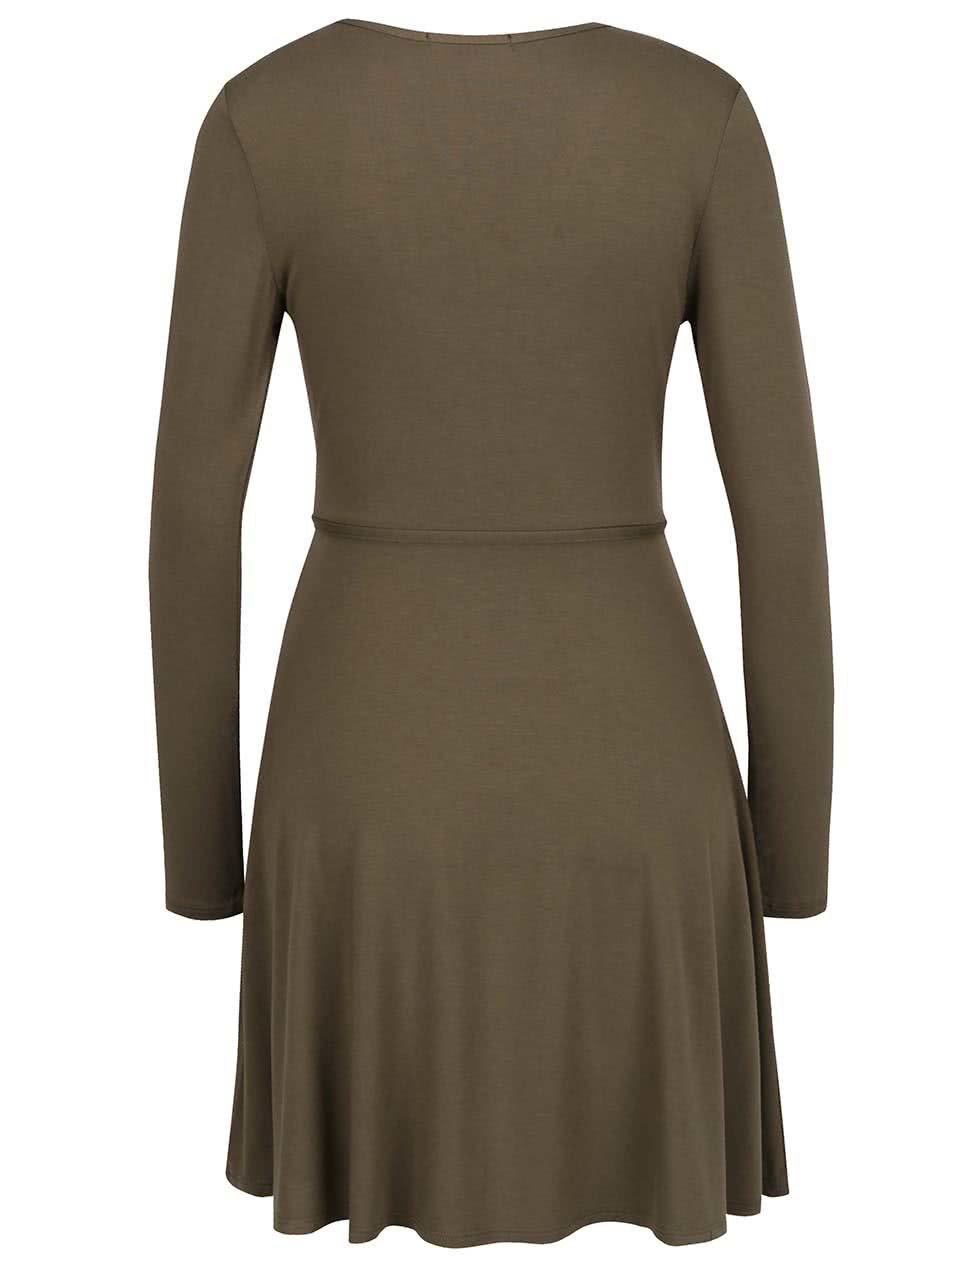 7dab9504c53c Khaki šaty s překládaným výstřihem TALLY WEiJL ...